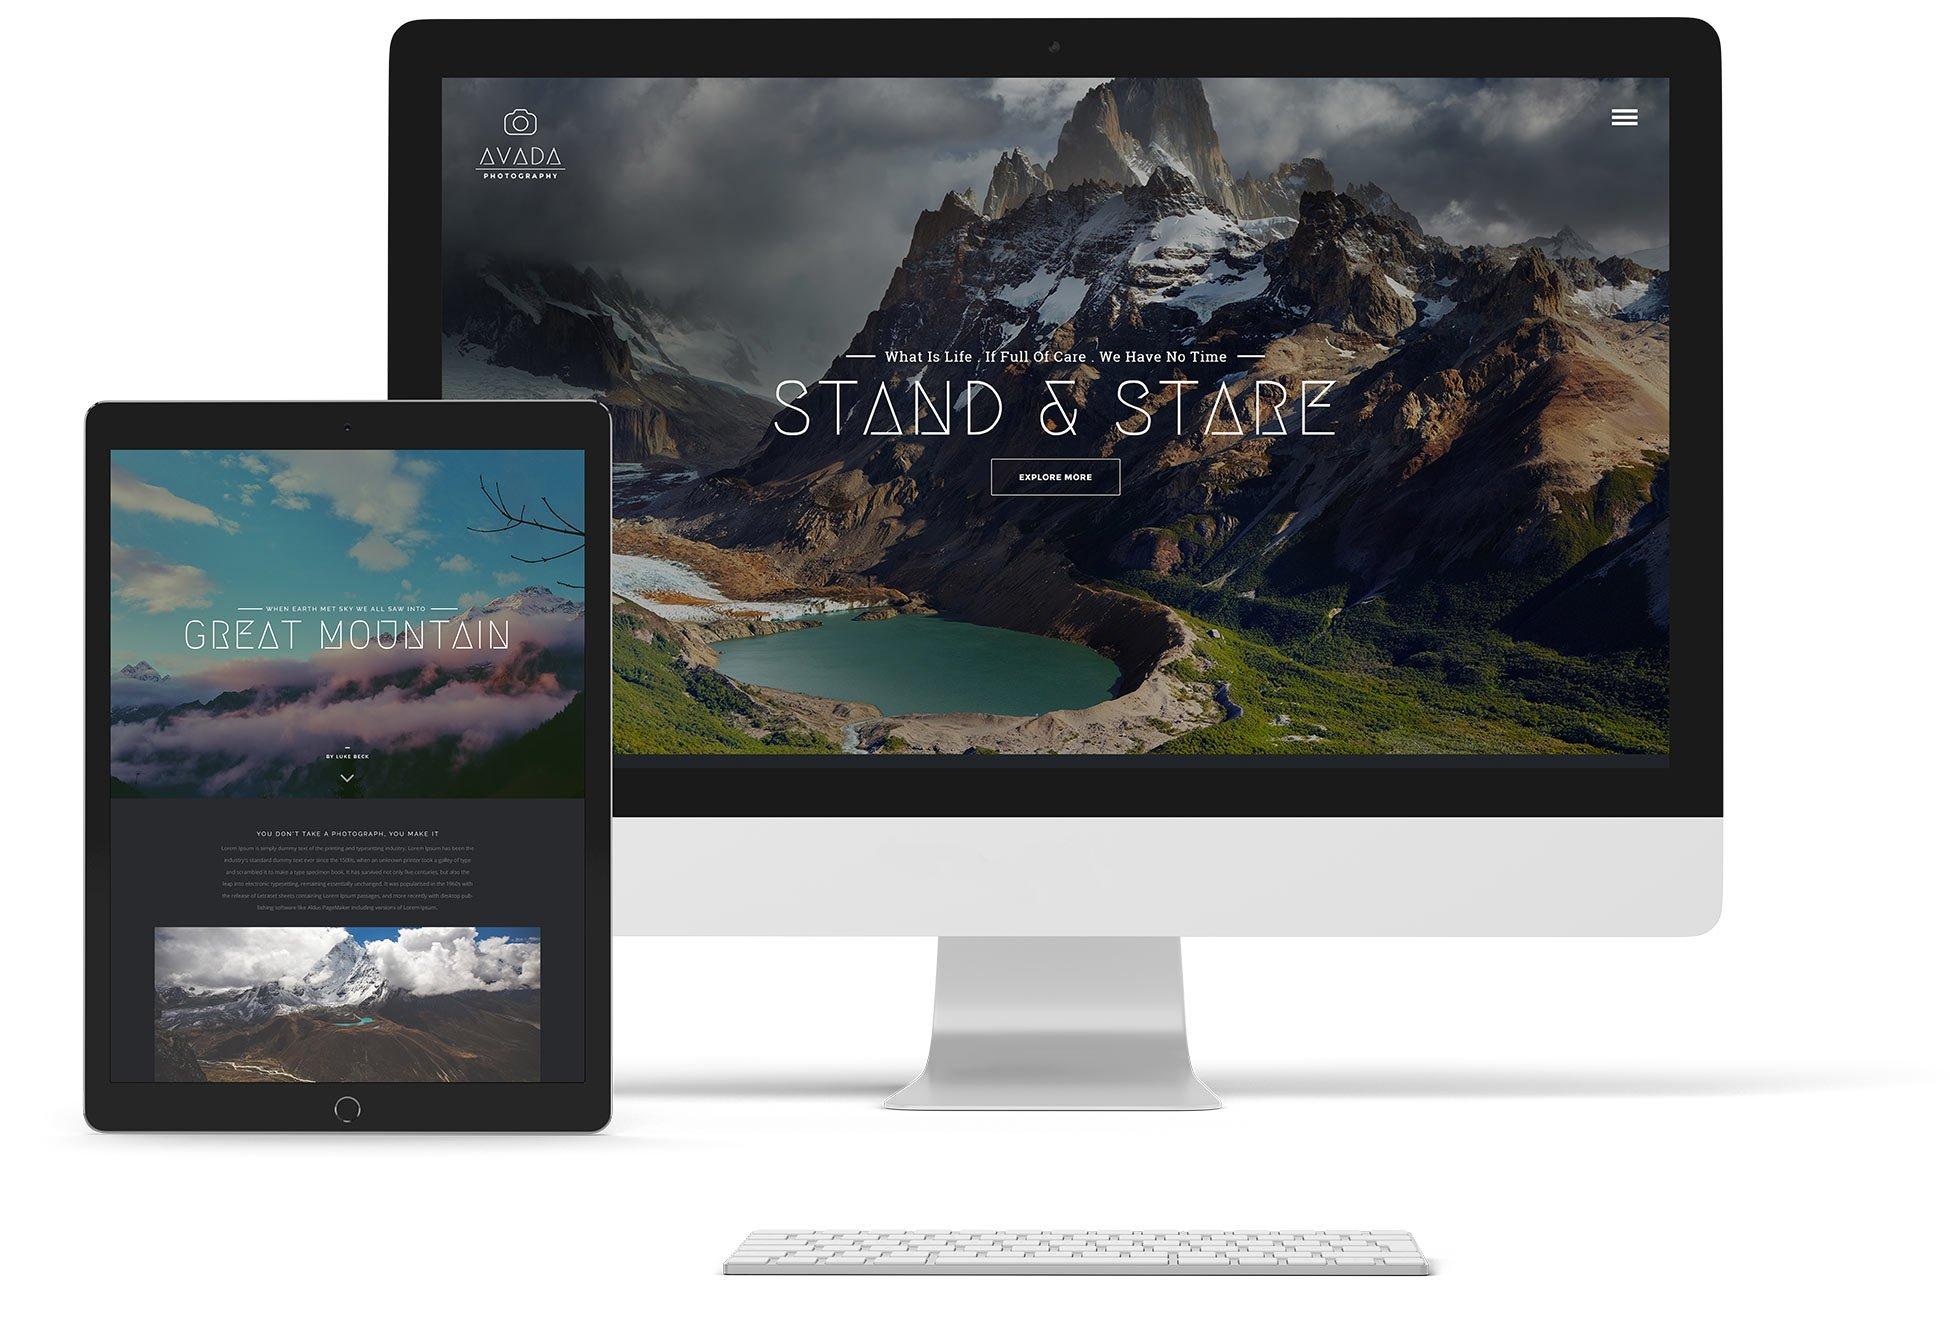 web agency milano web marketing seo